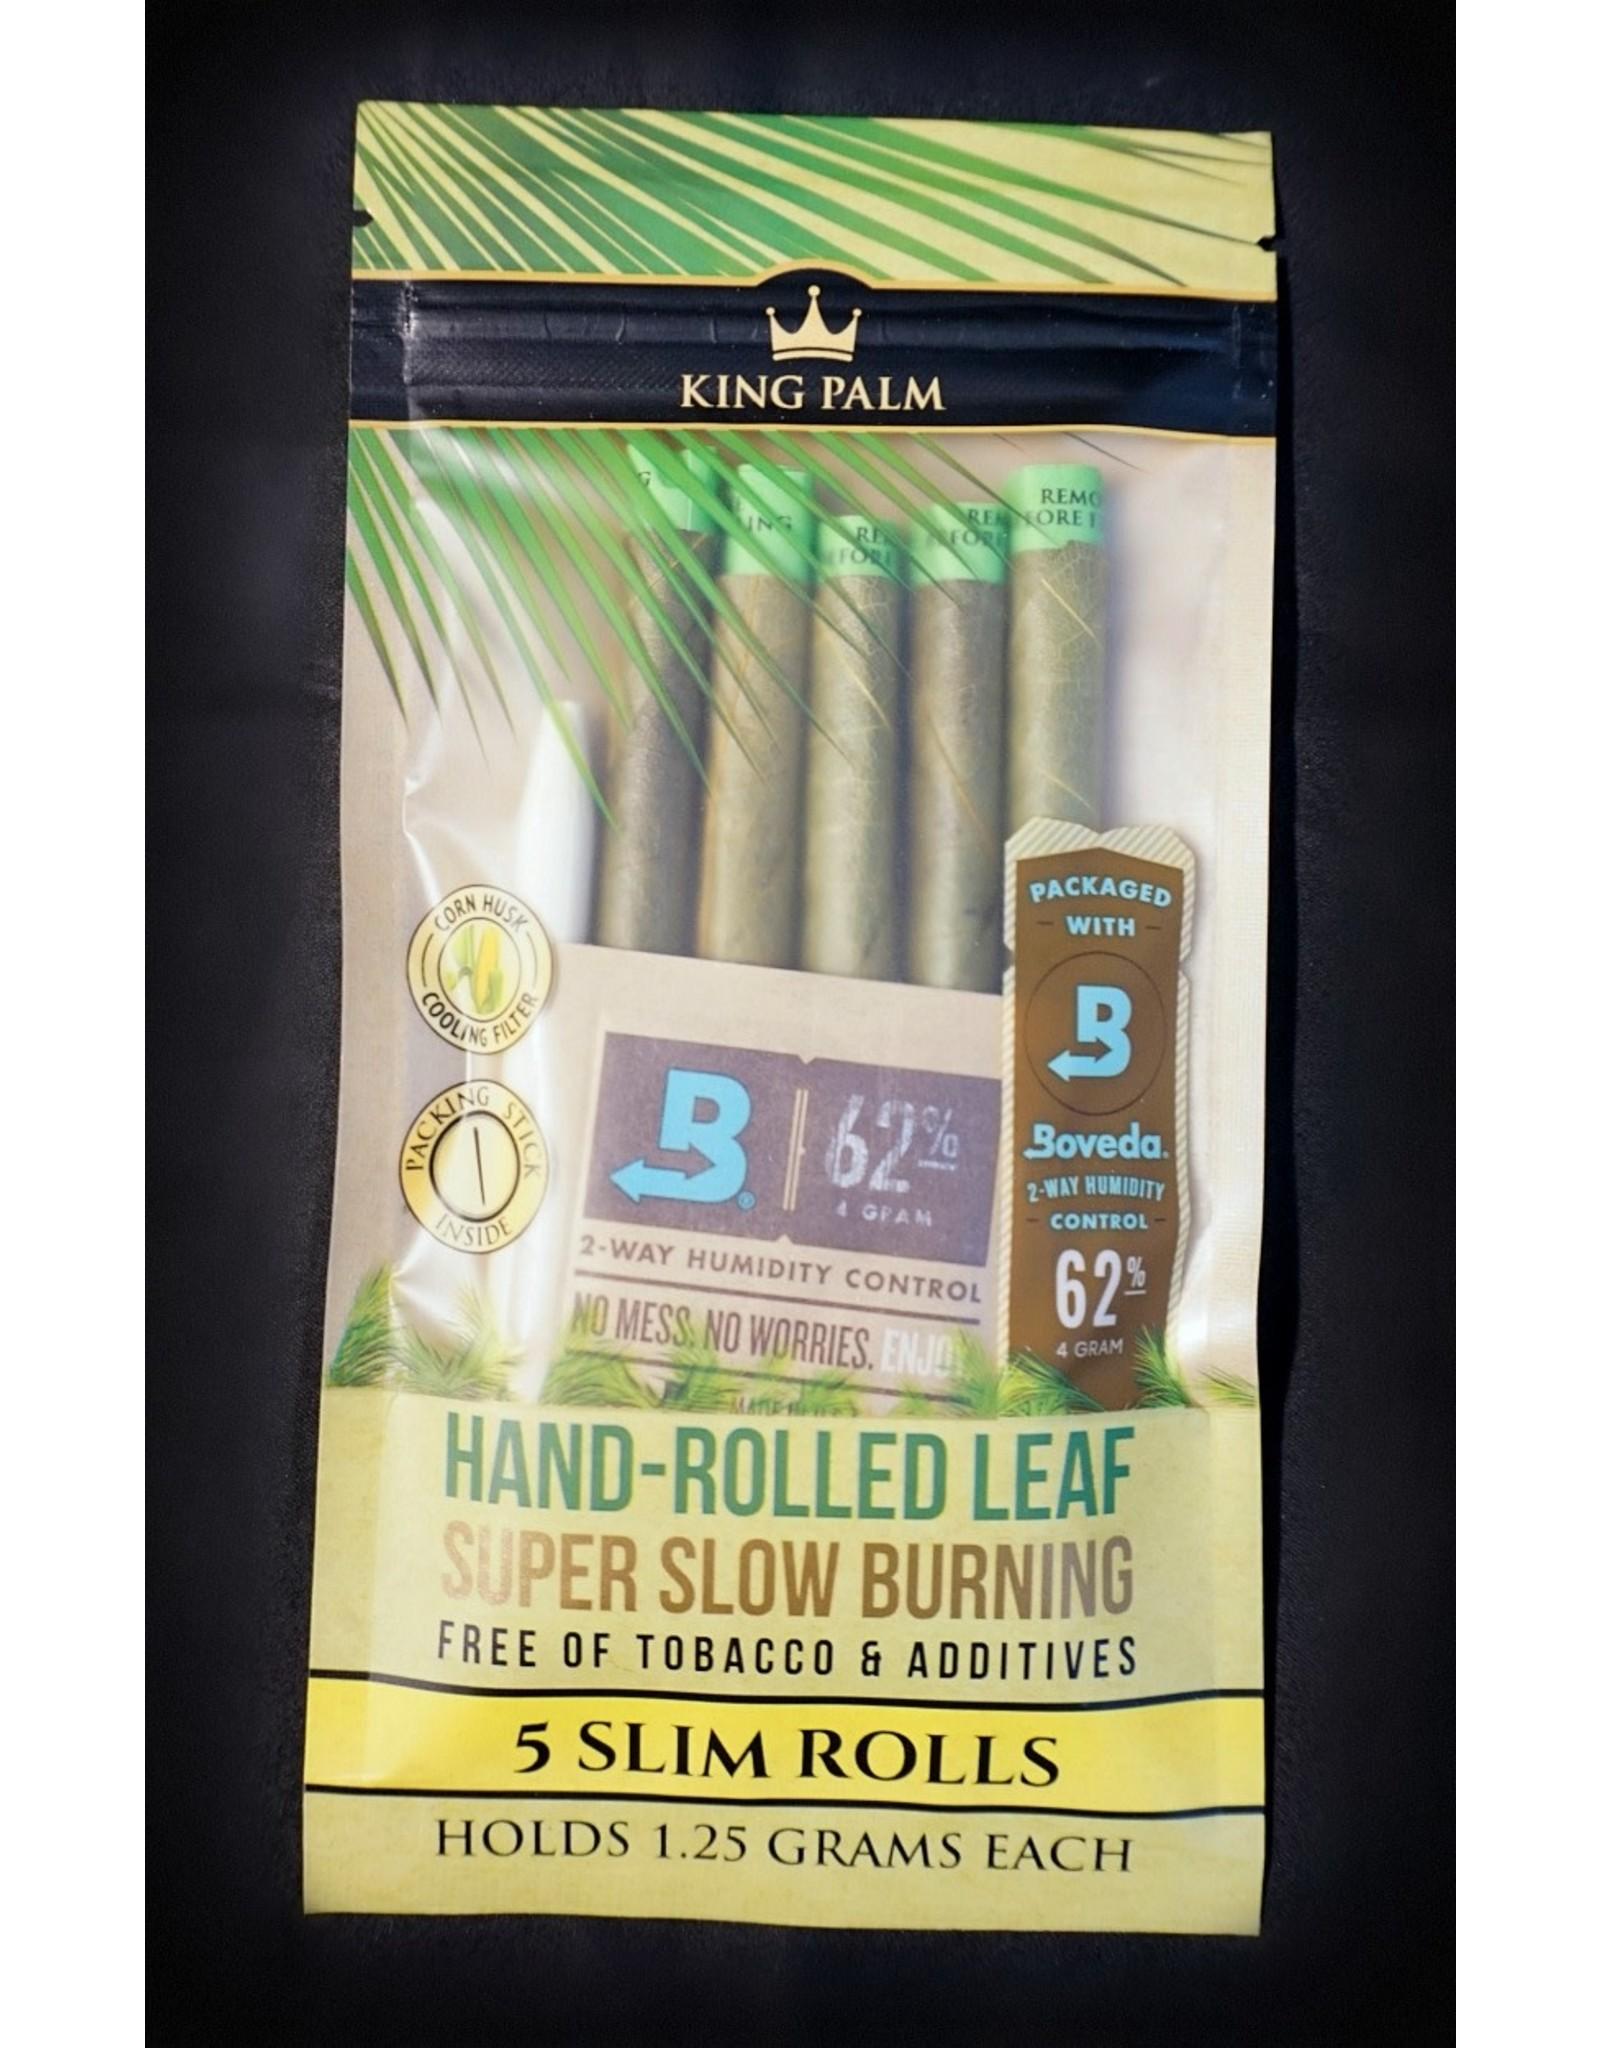 King Palm King Palm Pre-Roll Wraps Pouch w/ Boveda - 5pk Slim